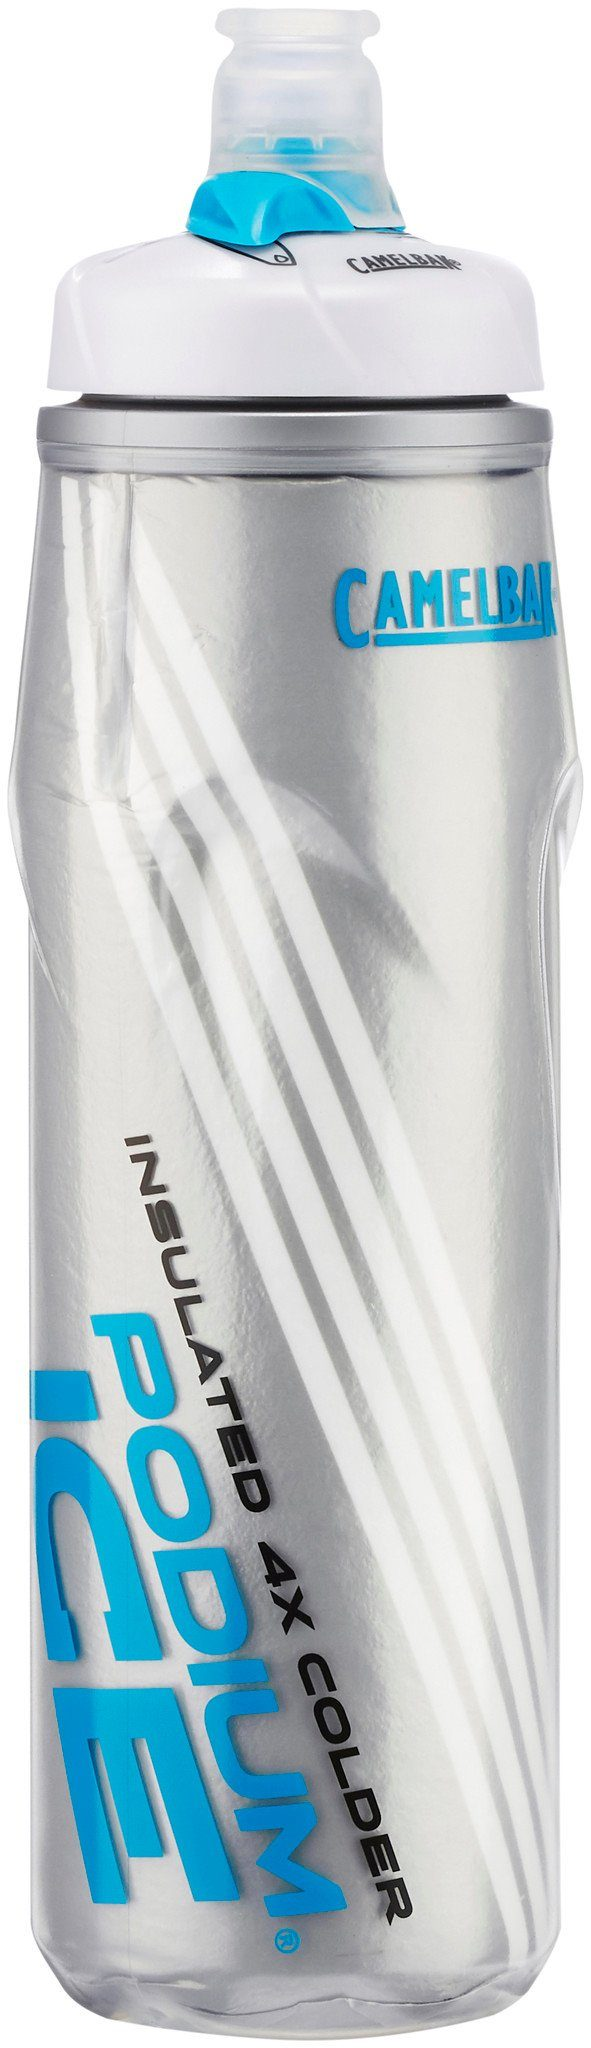 Camelbak Trinkflasche »Podium Ice Trinkflasche 620ml«